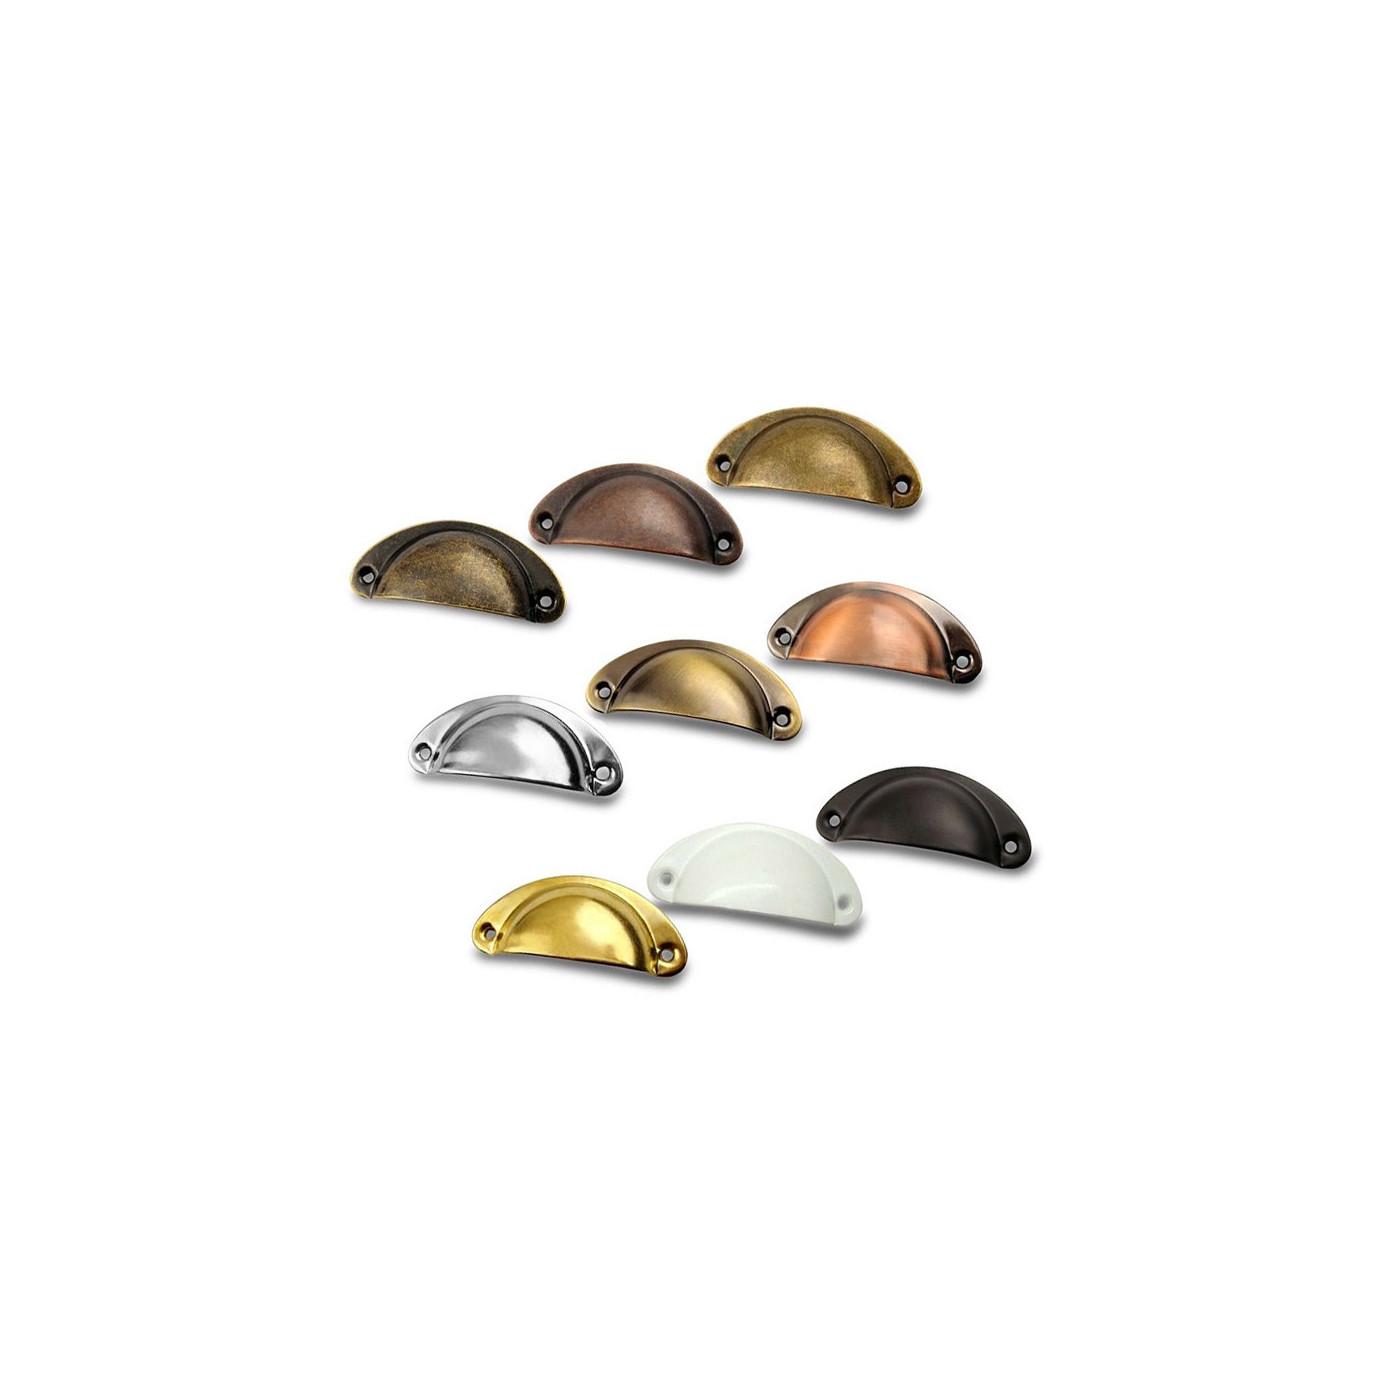 Lot de 8 poignées en forme de coque pour meuble: couleur 4